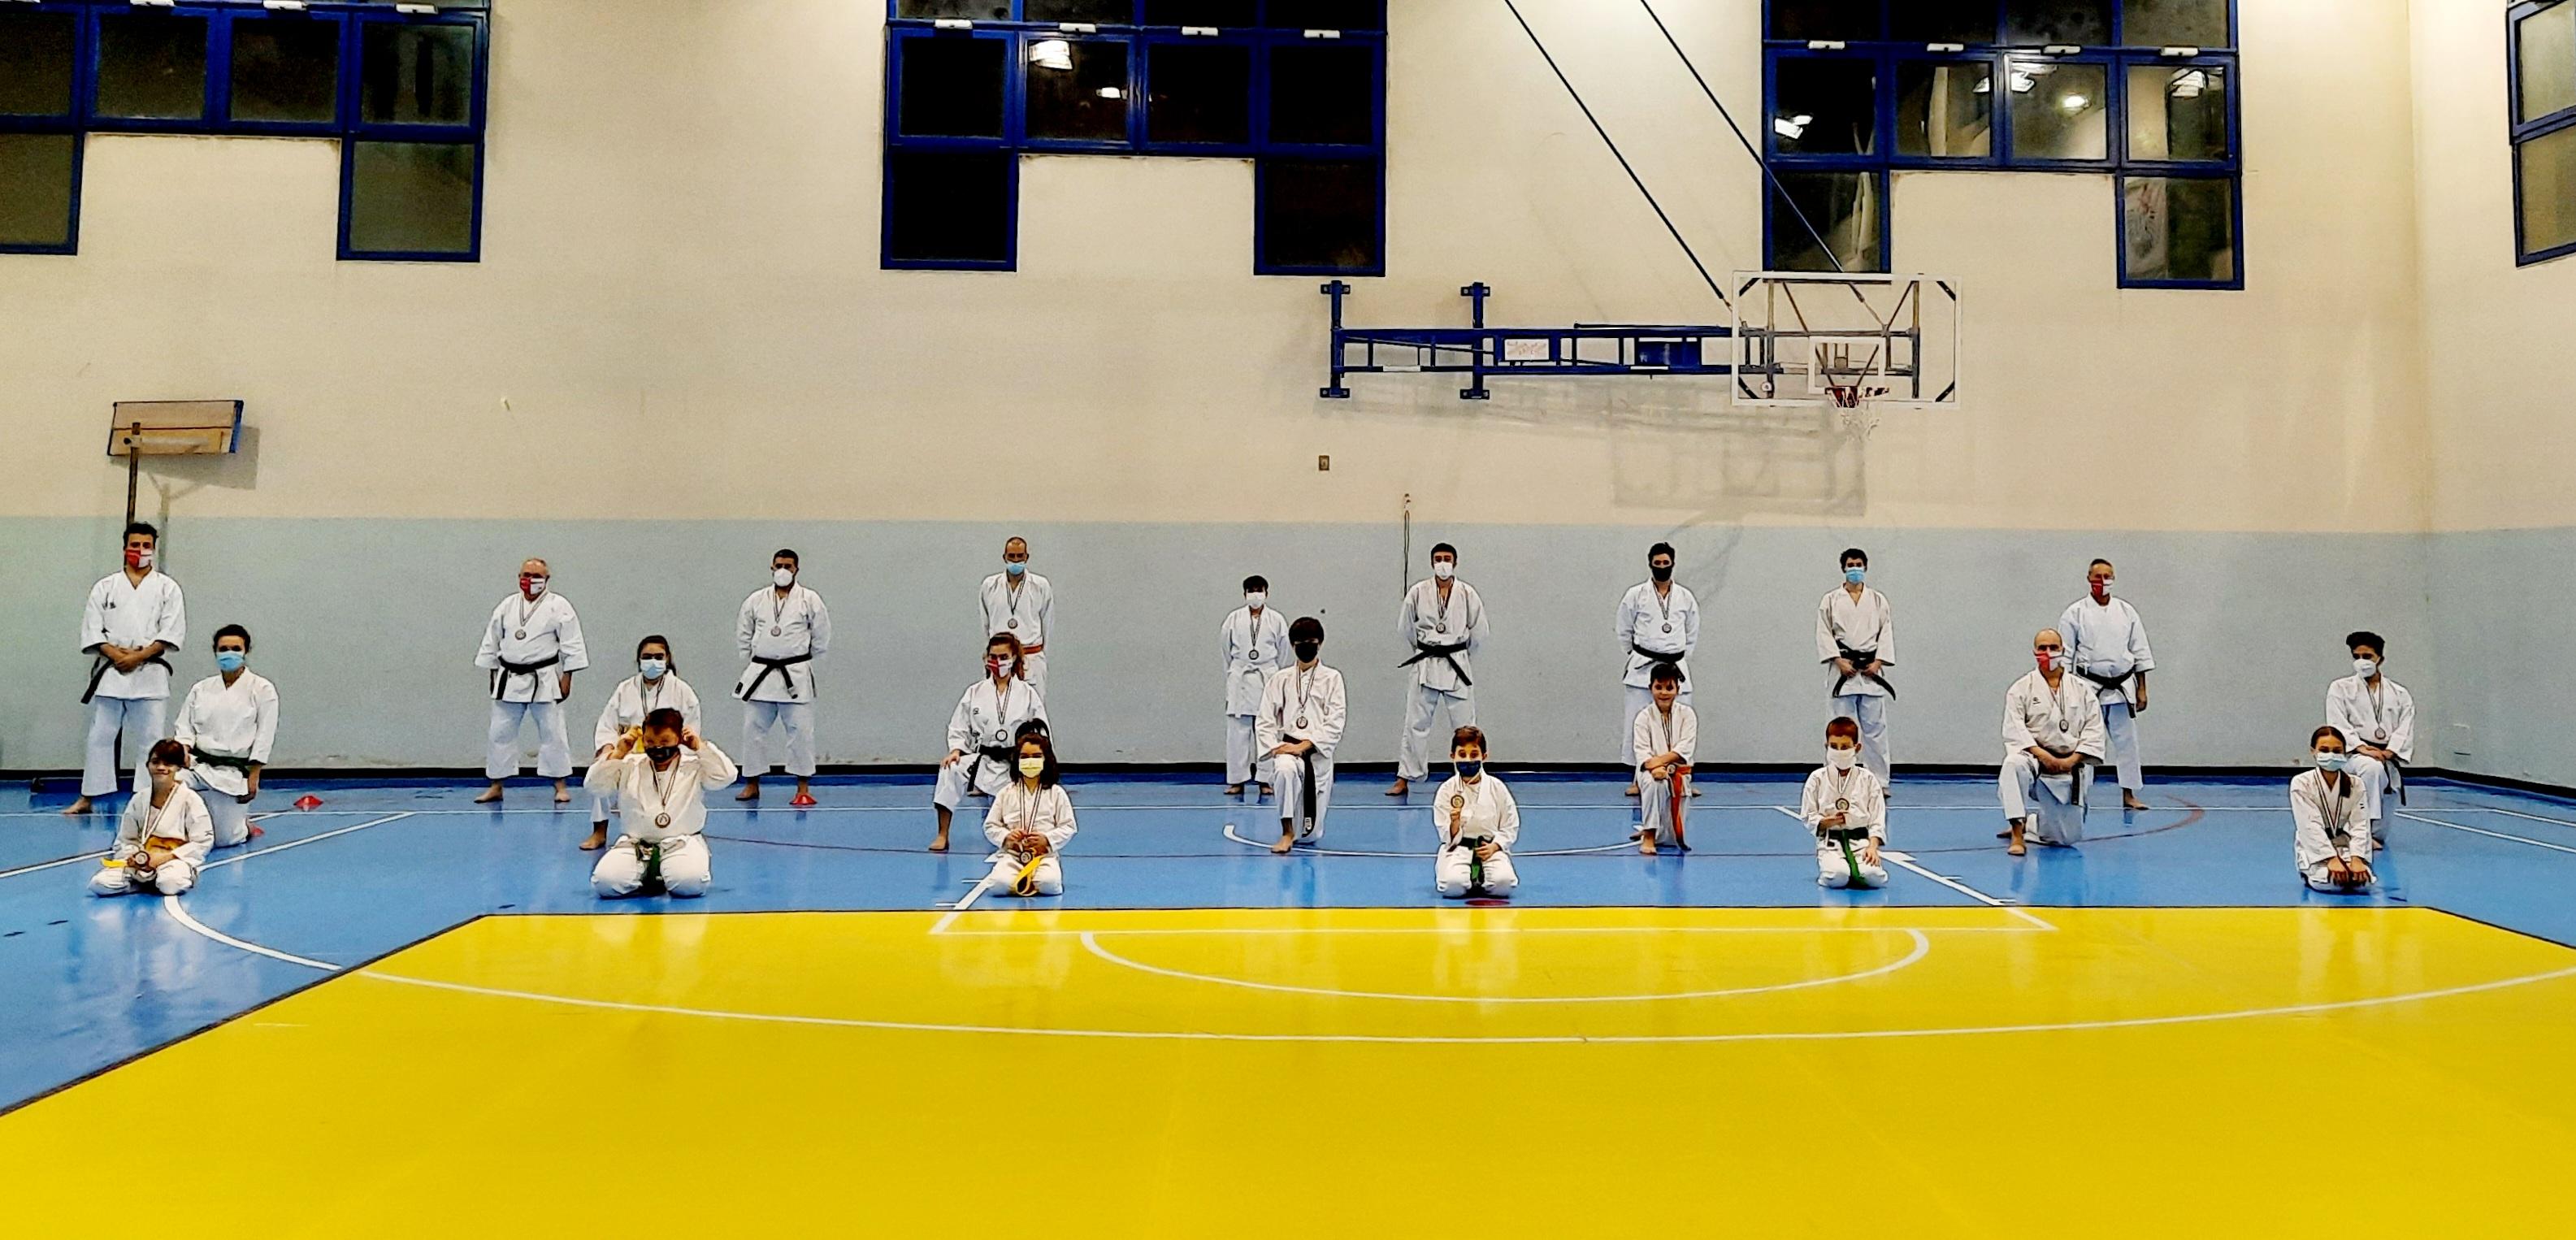 coppa italia_gruppo partecipanti del Budokan